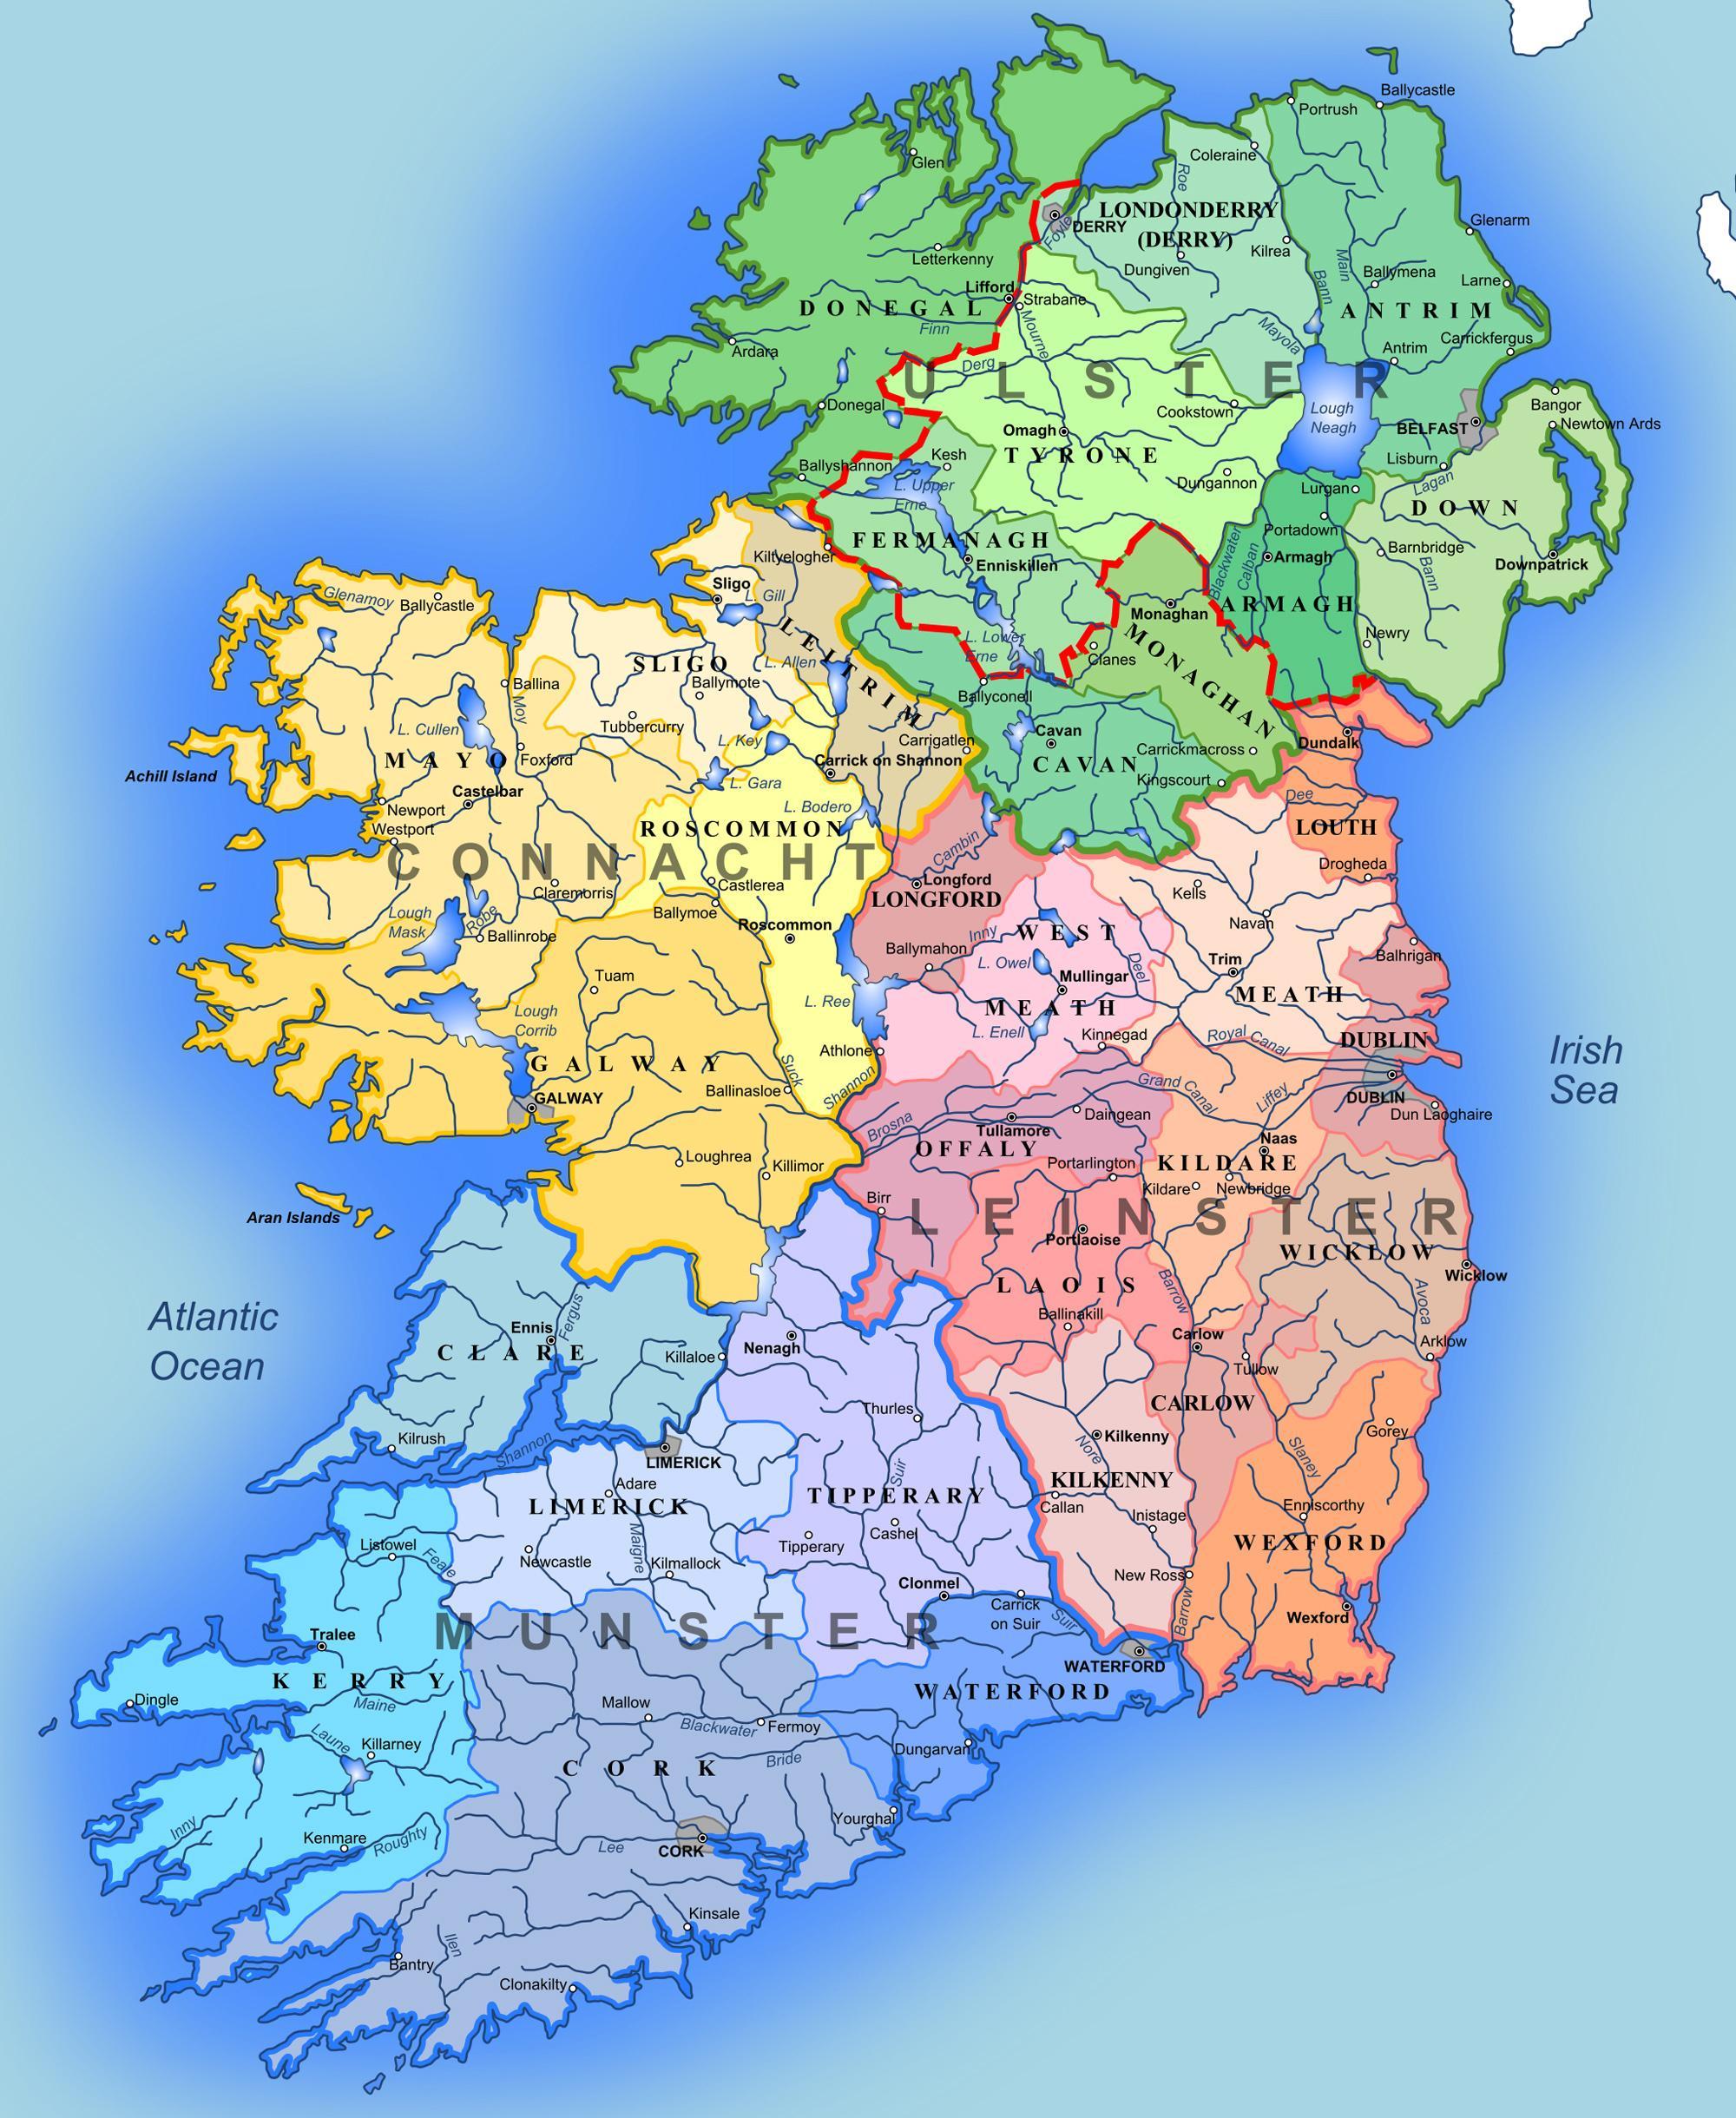 Grote Kaart Van Ierland Grote Gedetailleerde Kaart Van Ierland